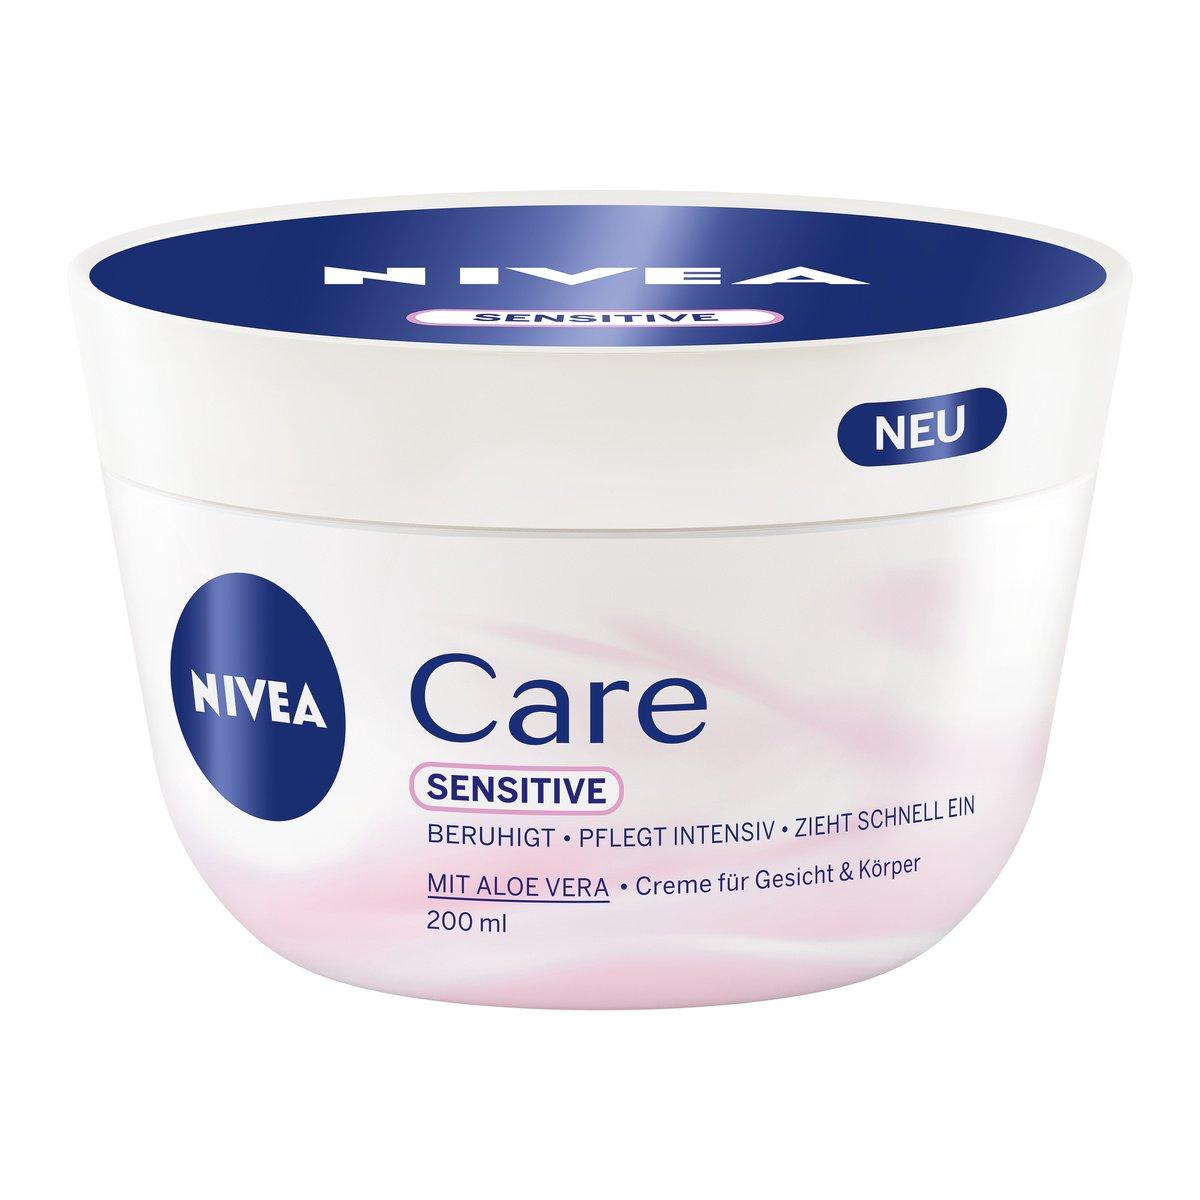 Nivea Care Sensitive Creme für Körper und Gesicht, 3er Pack (3 x 200 ml) 80197